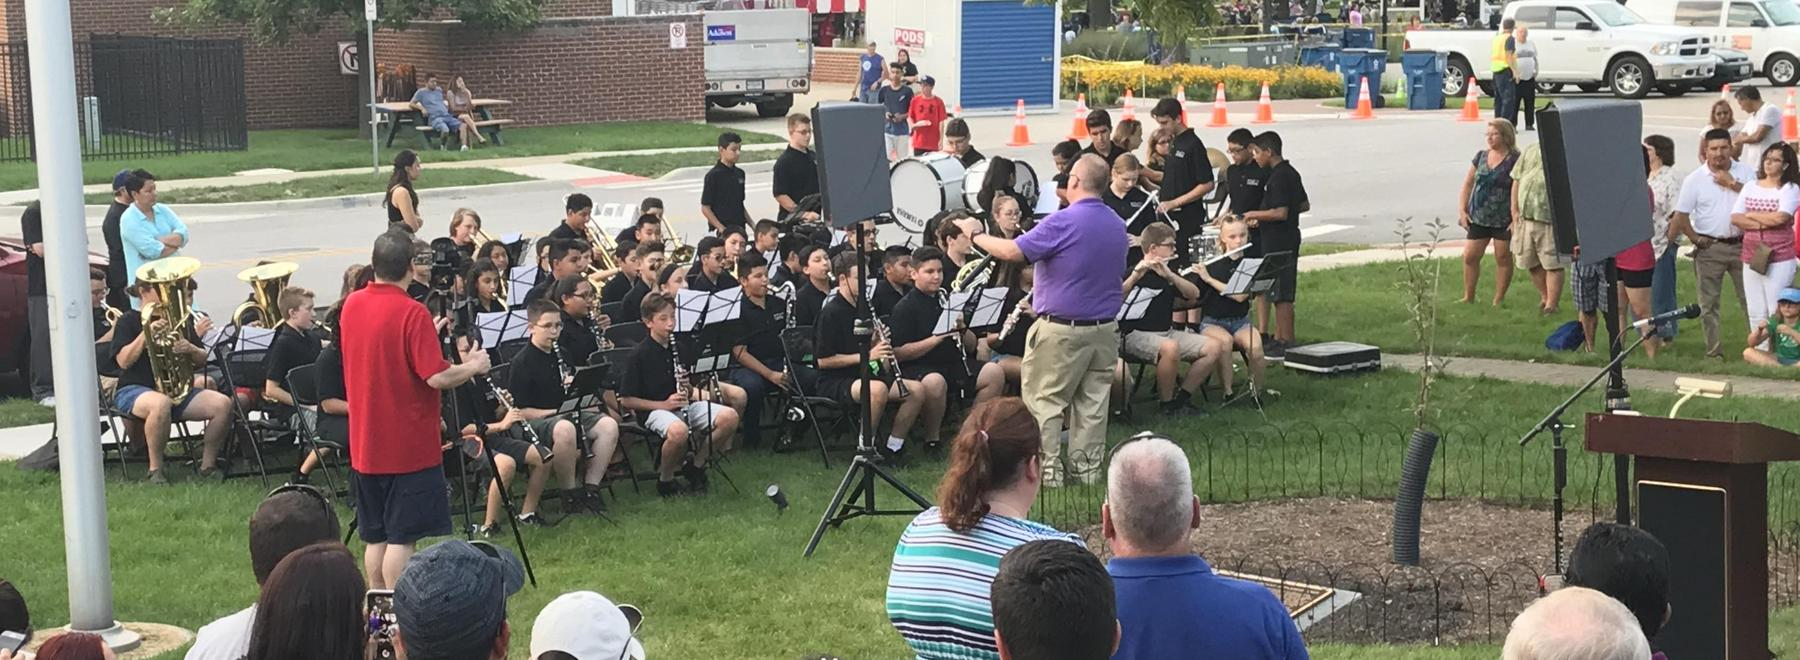 ITJHS Band at Tree Dedication